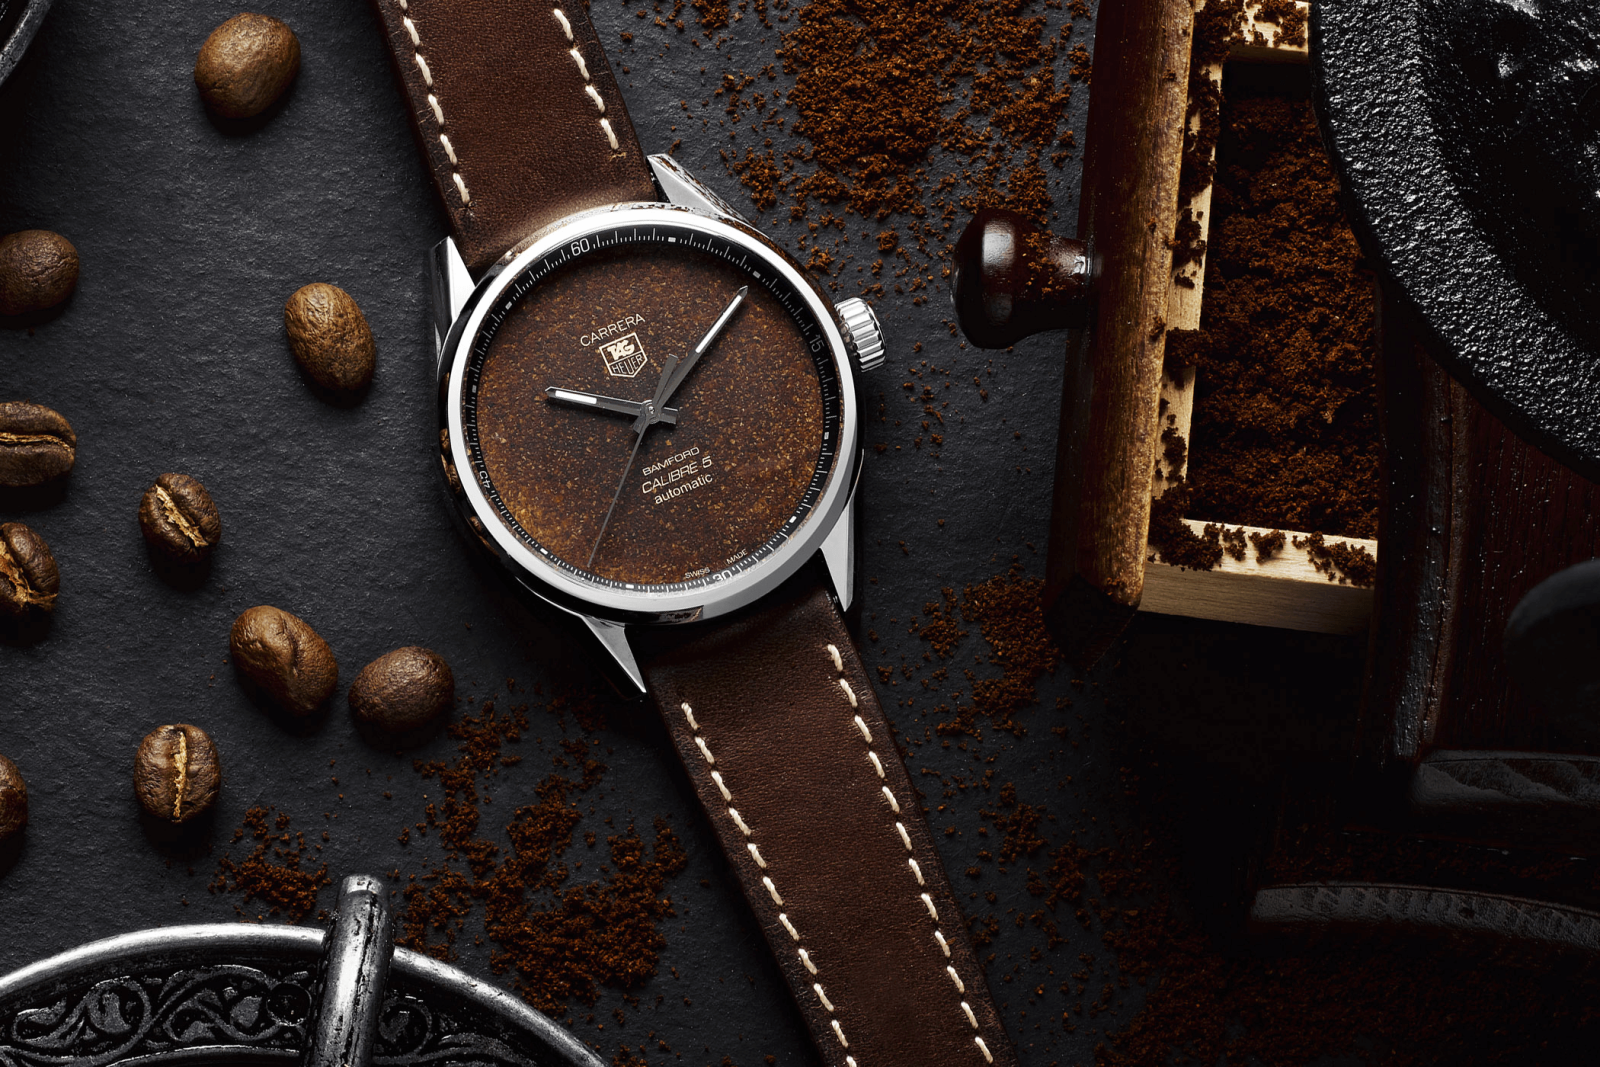 đồng hồ tag heuer carrera mặt số cà phê troppical mới 2020